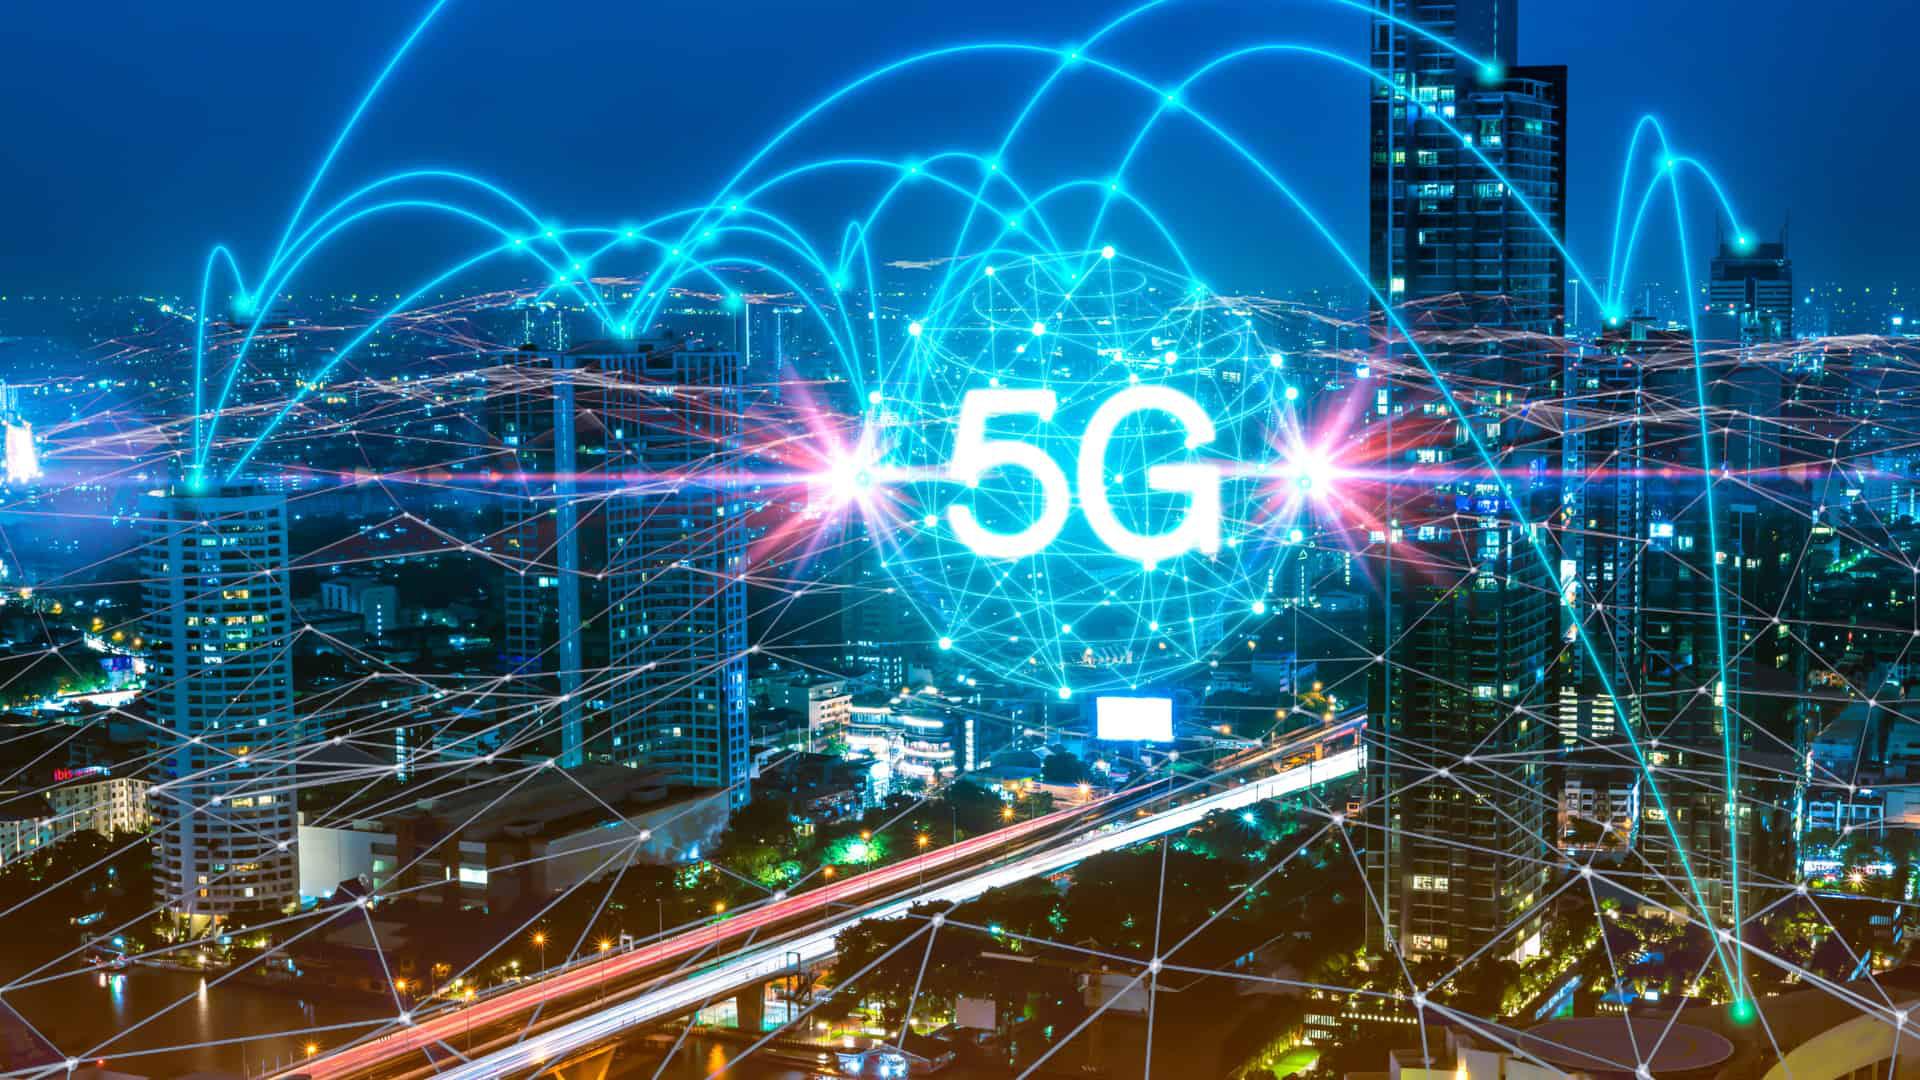 Sự kiện công nghệ CES 2020 được mong chờ như thế nào? - Ảnh 2.